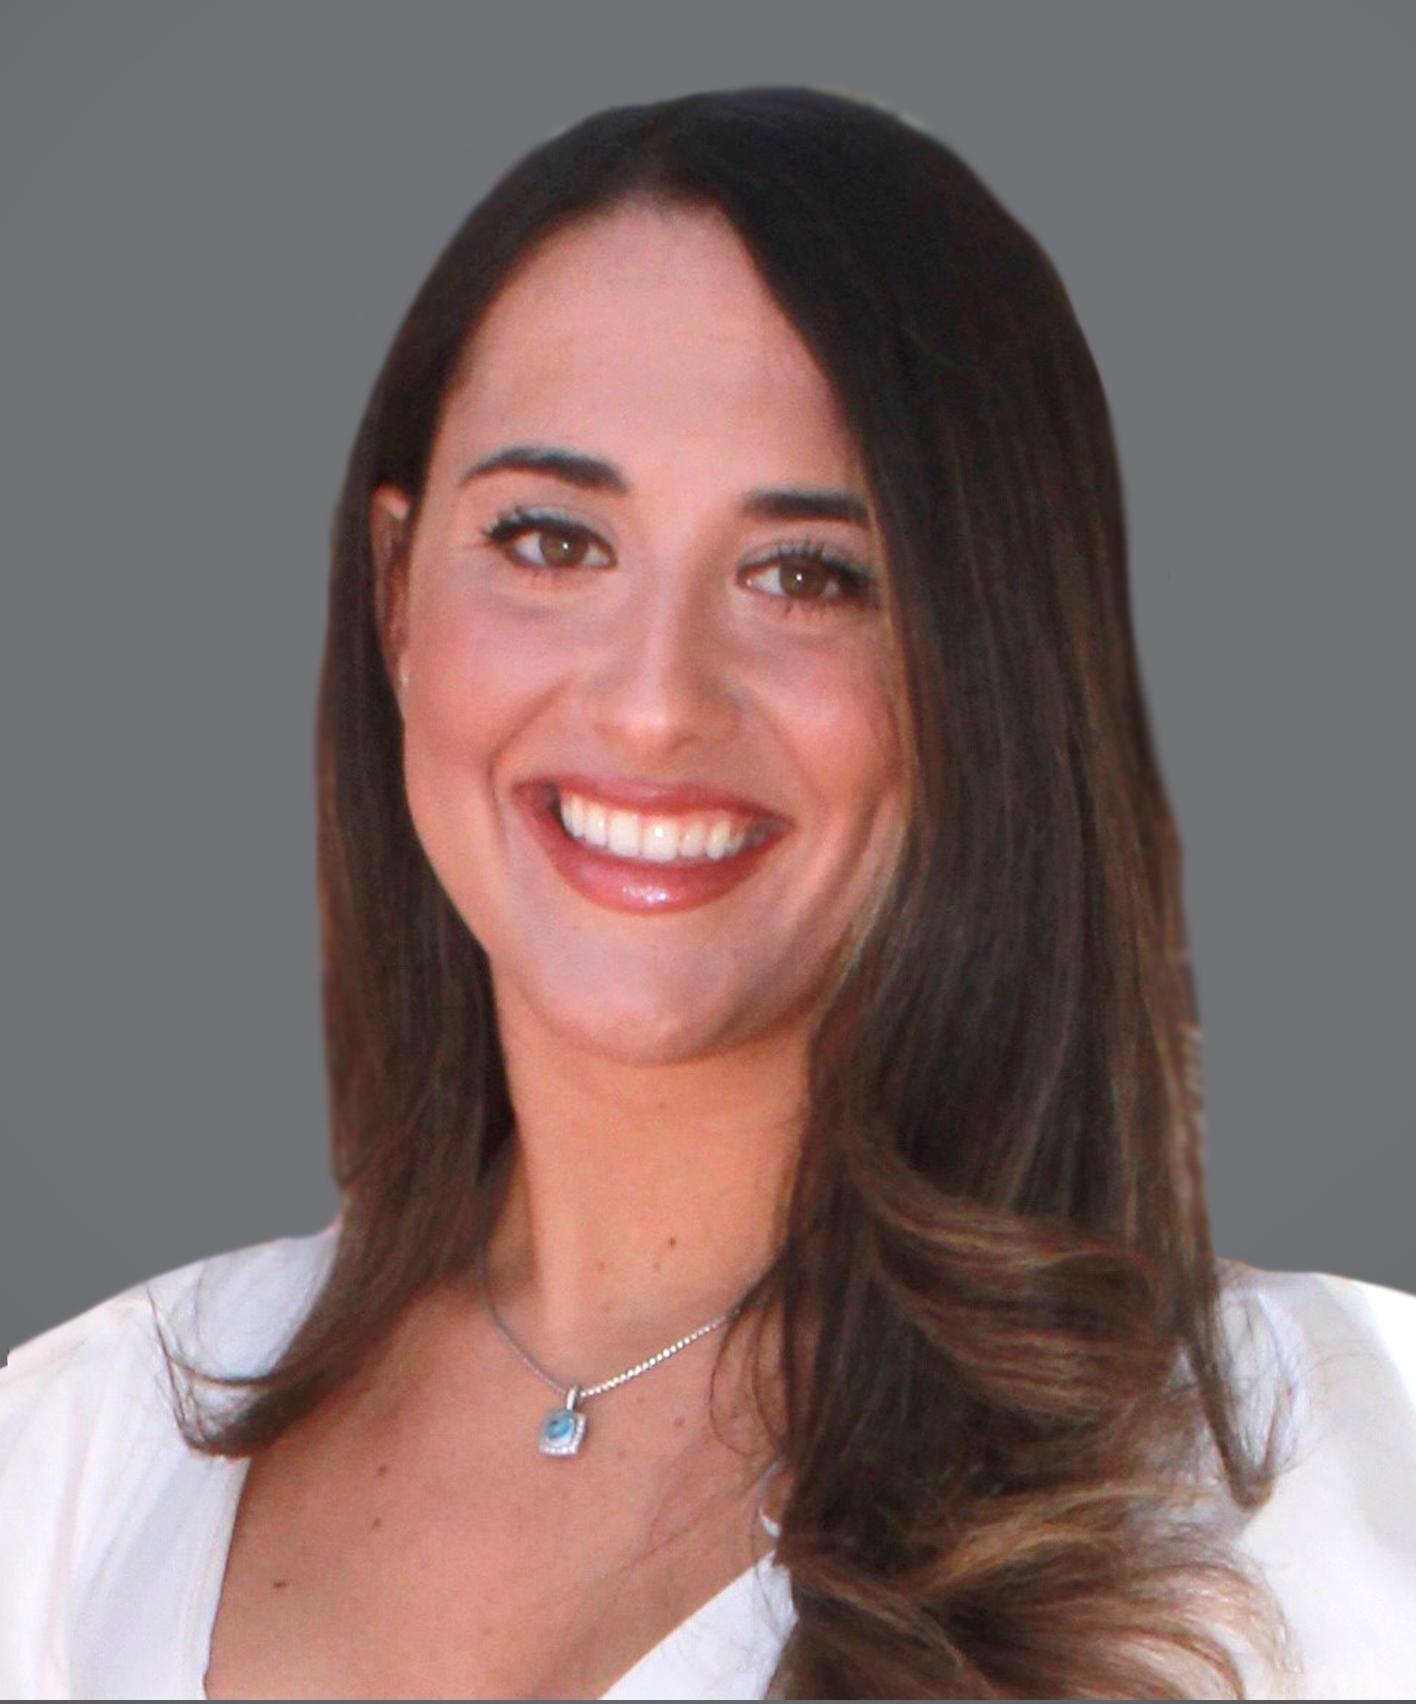 Adrianna Stefani